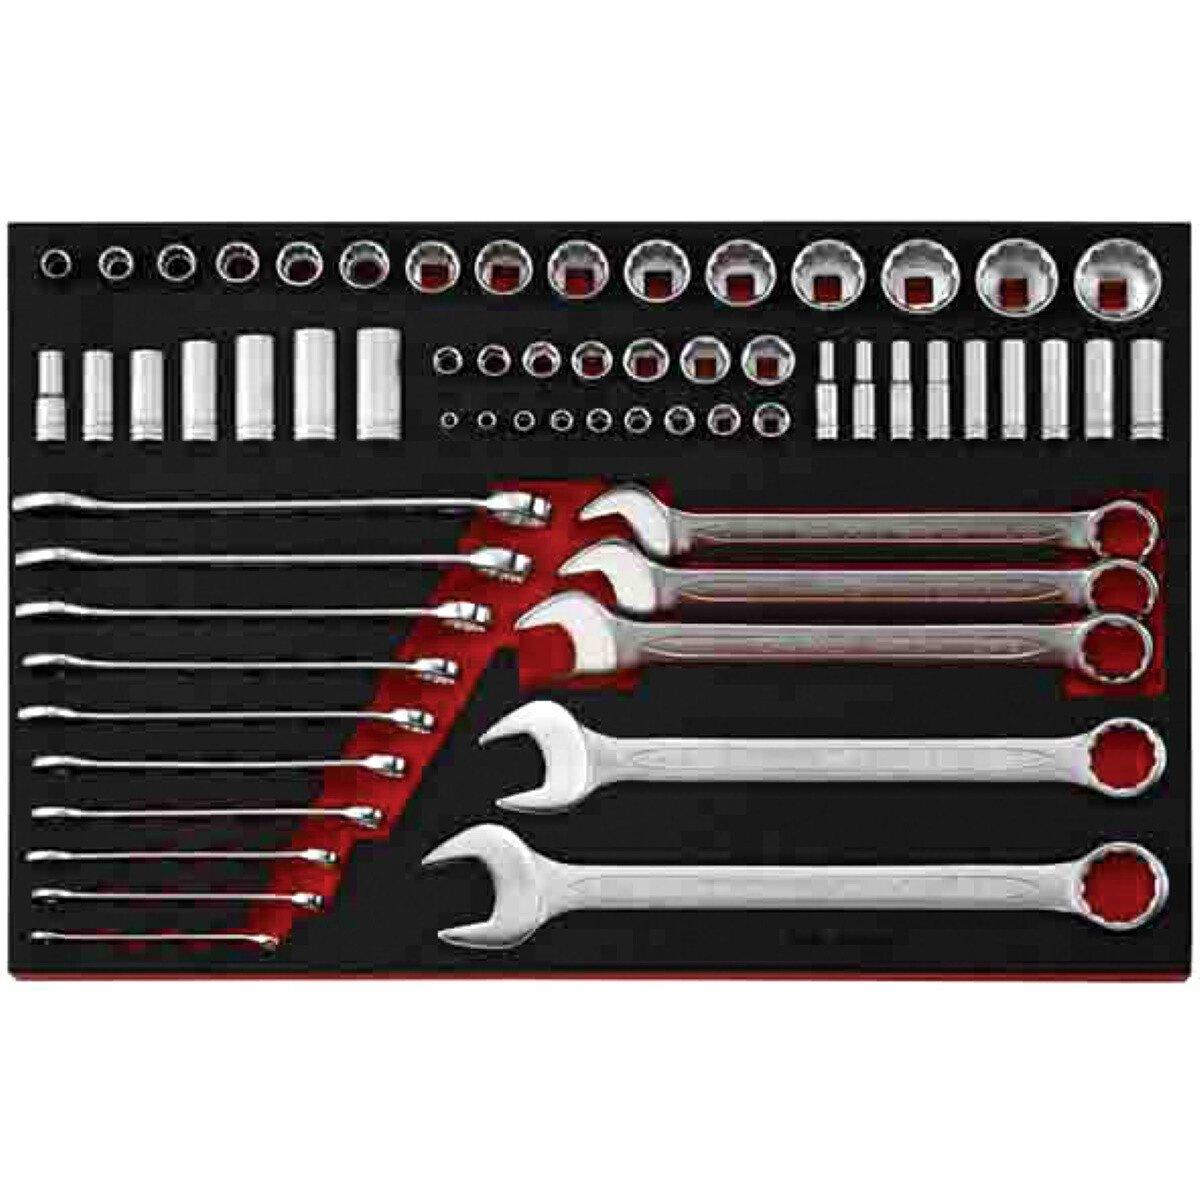 Teng Tools TTEAF62 62 Piece EVA AF Combination Spanner and Socketry Set